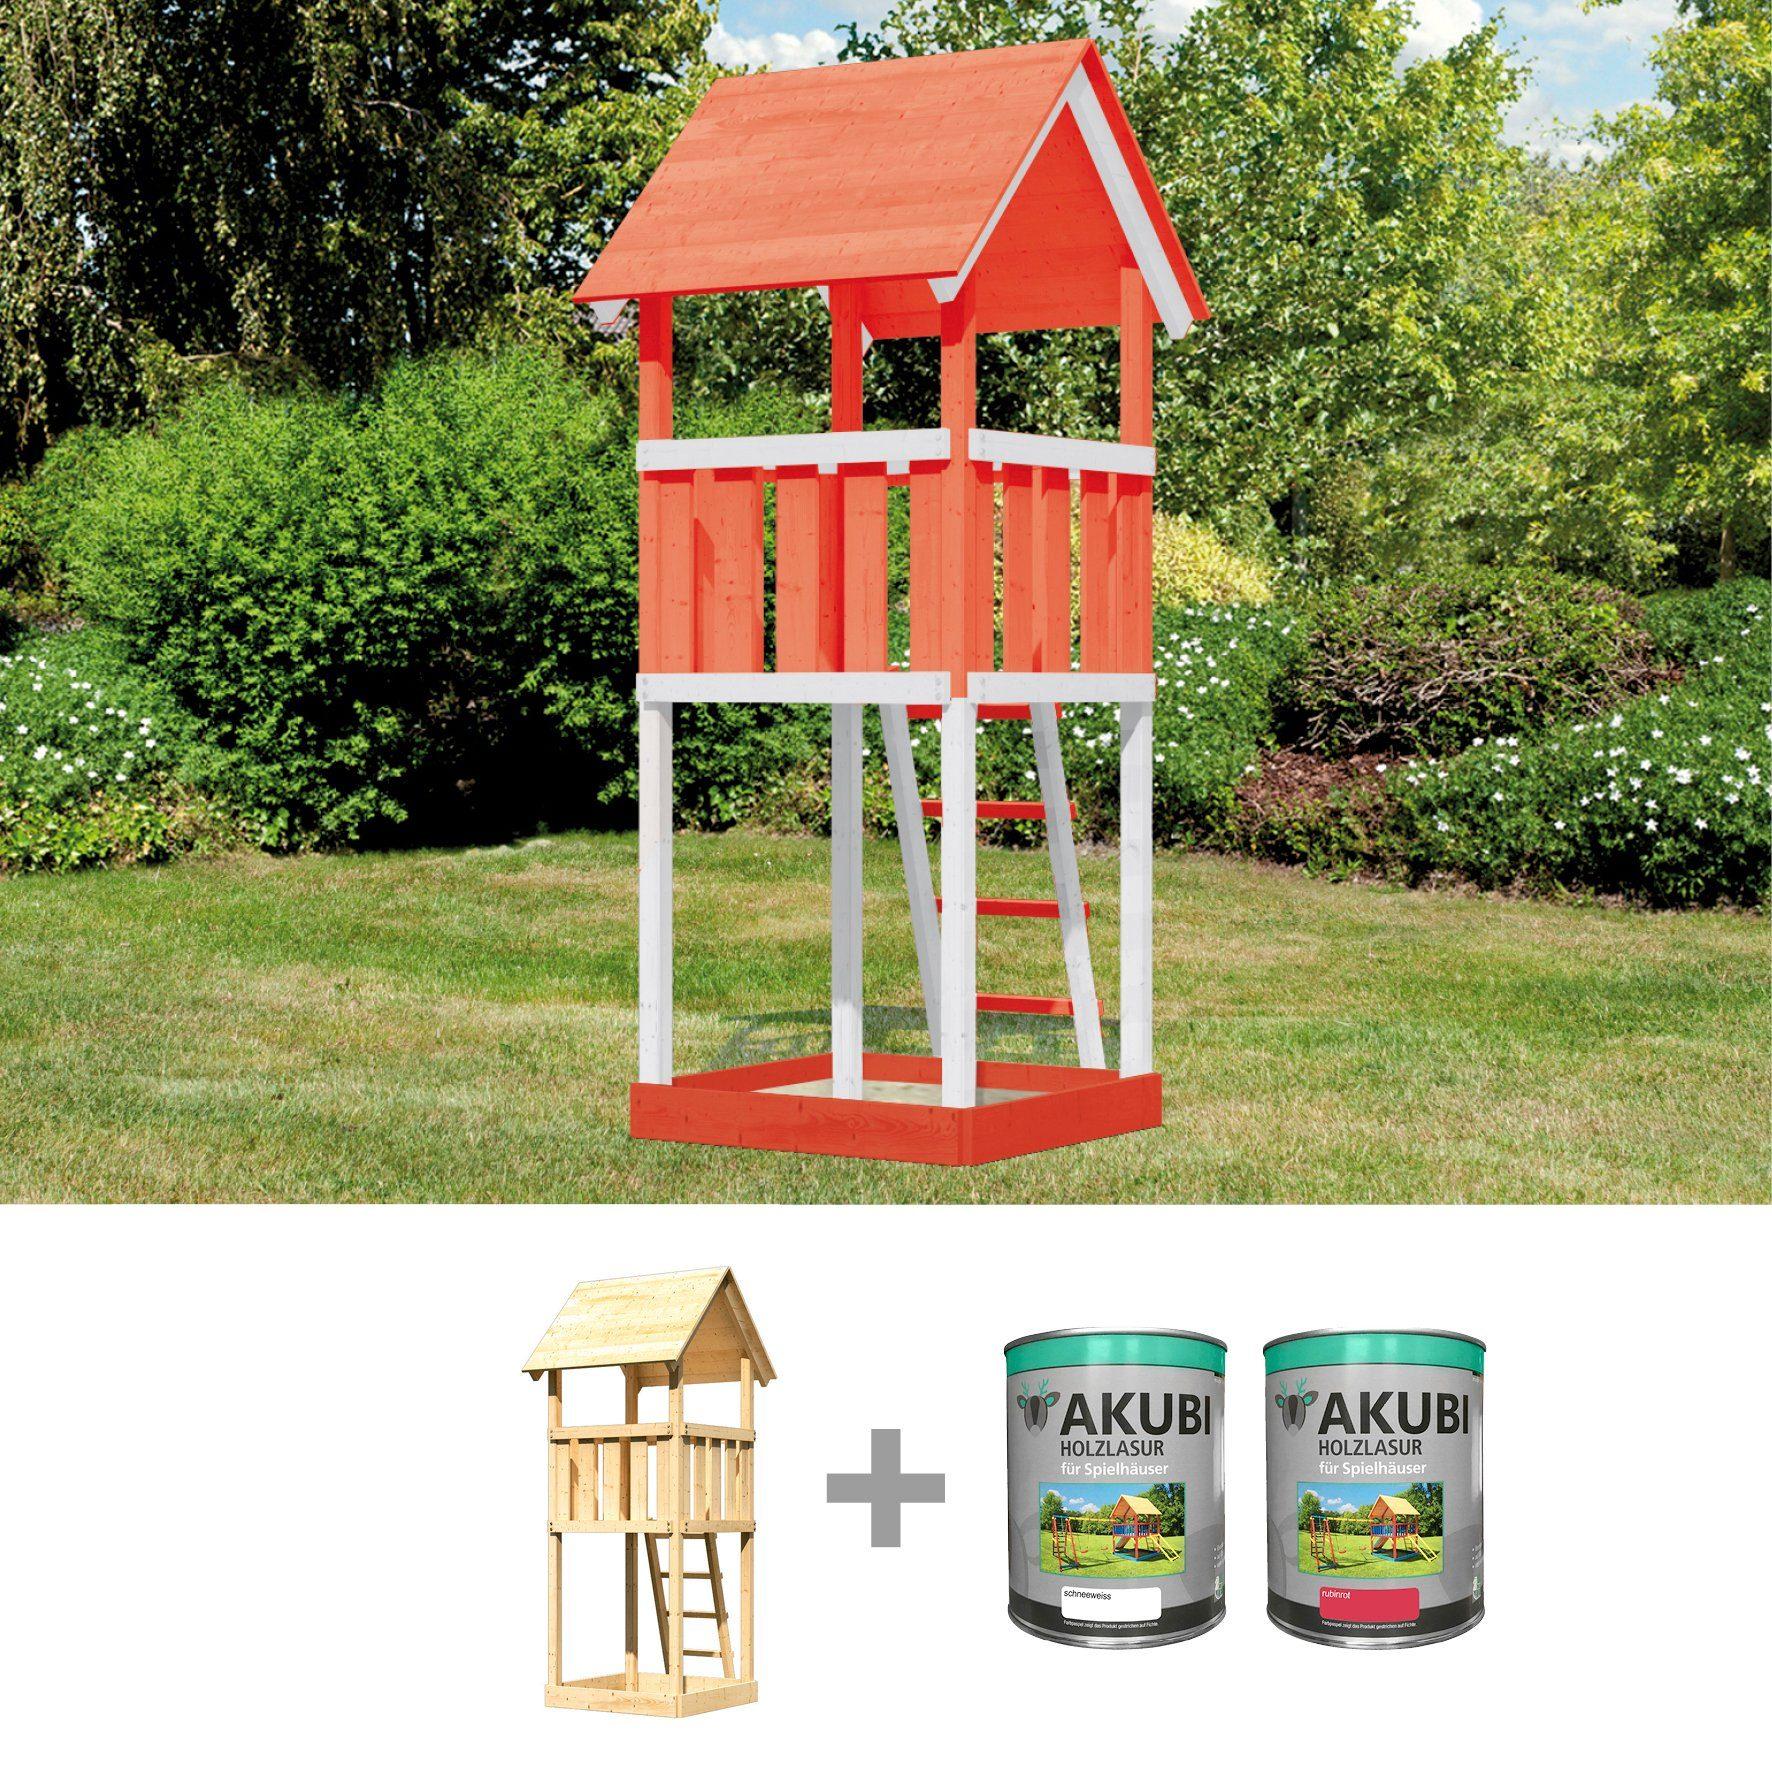 ABUKI Spielturm »Rosie 1«, BxT: 107x107 cm, inkl. Farbe